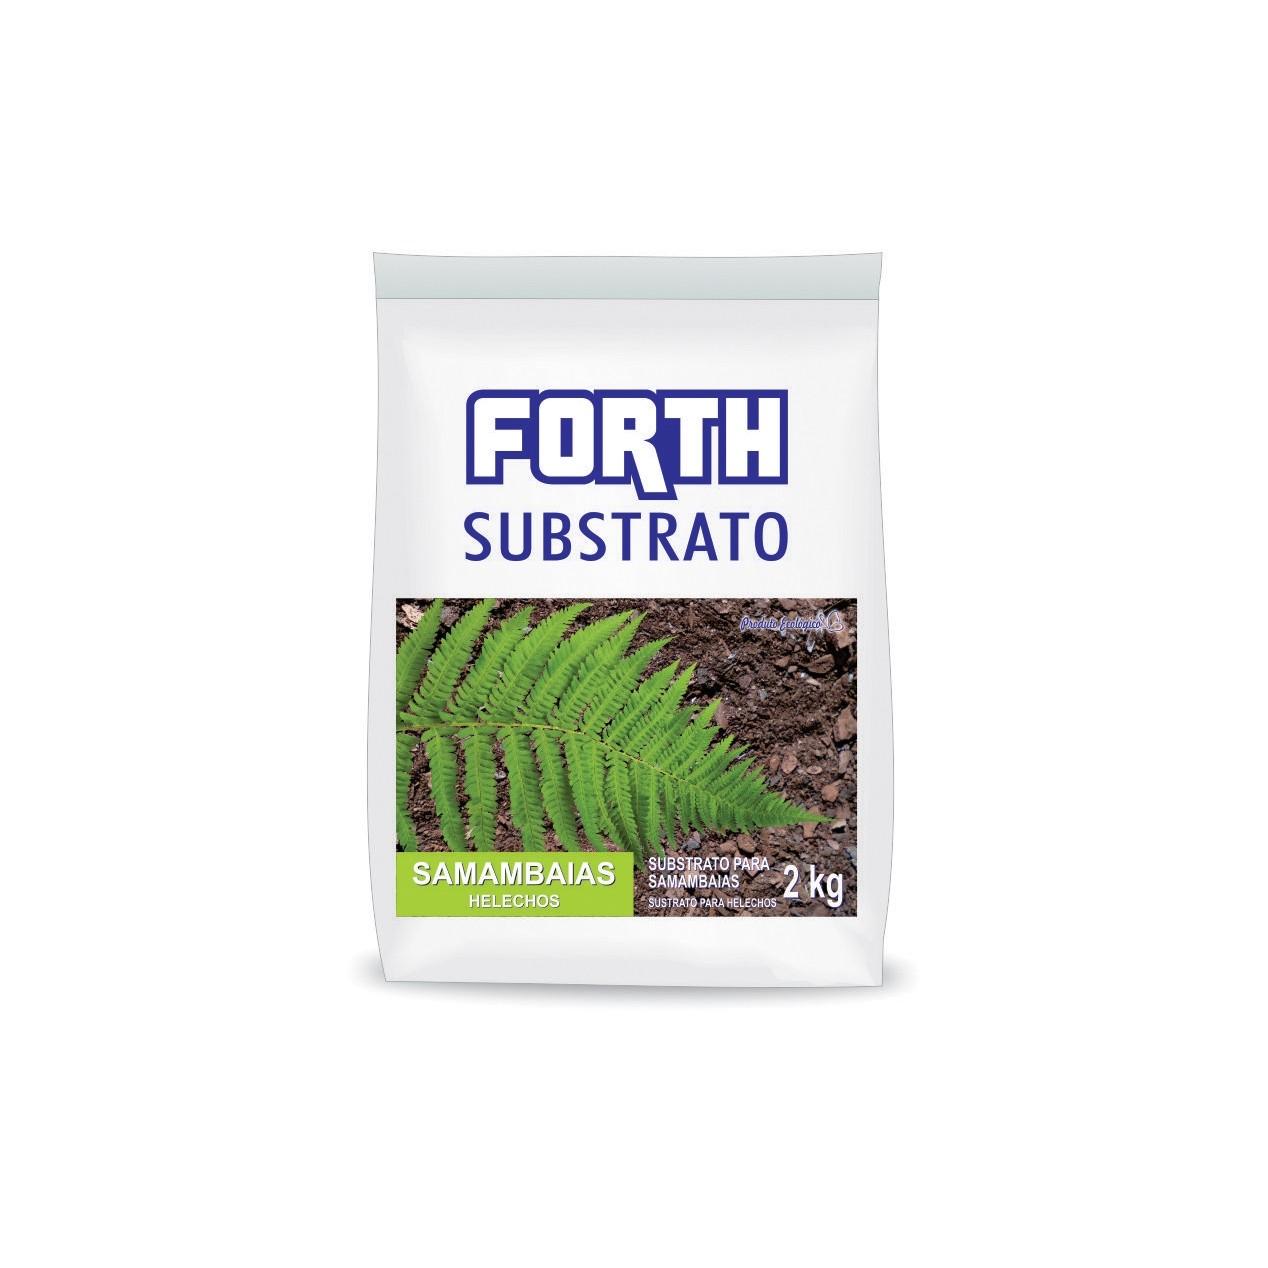 Fertilizante FORTH Substrato Samambaia 2kg